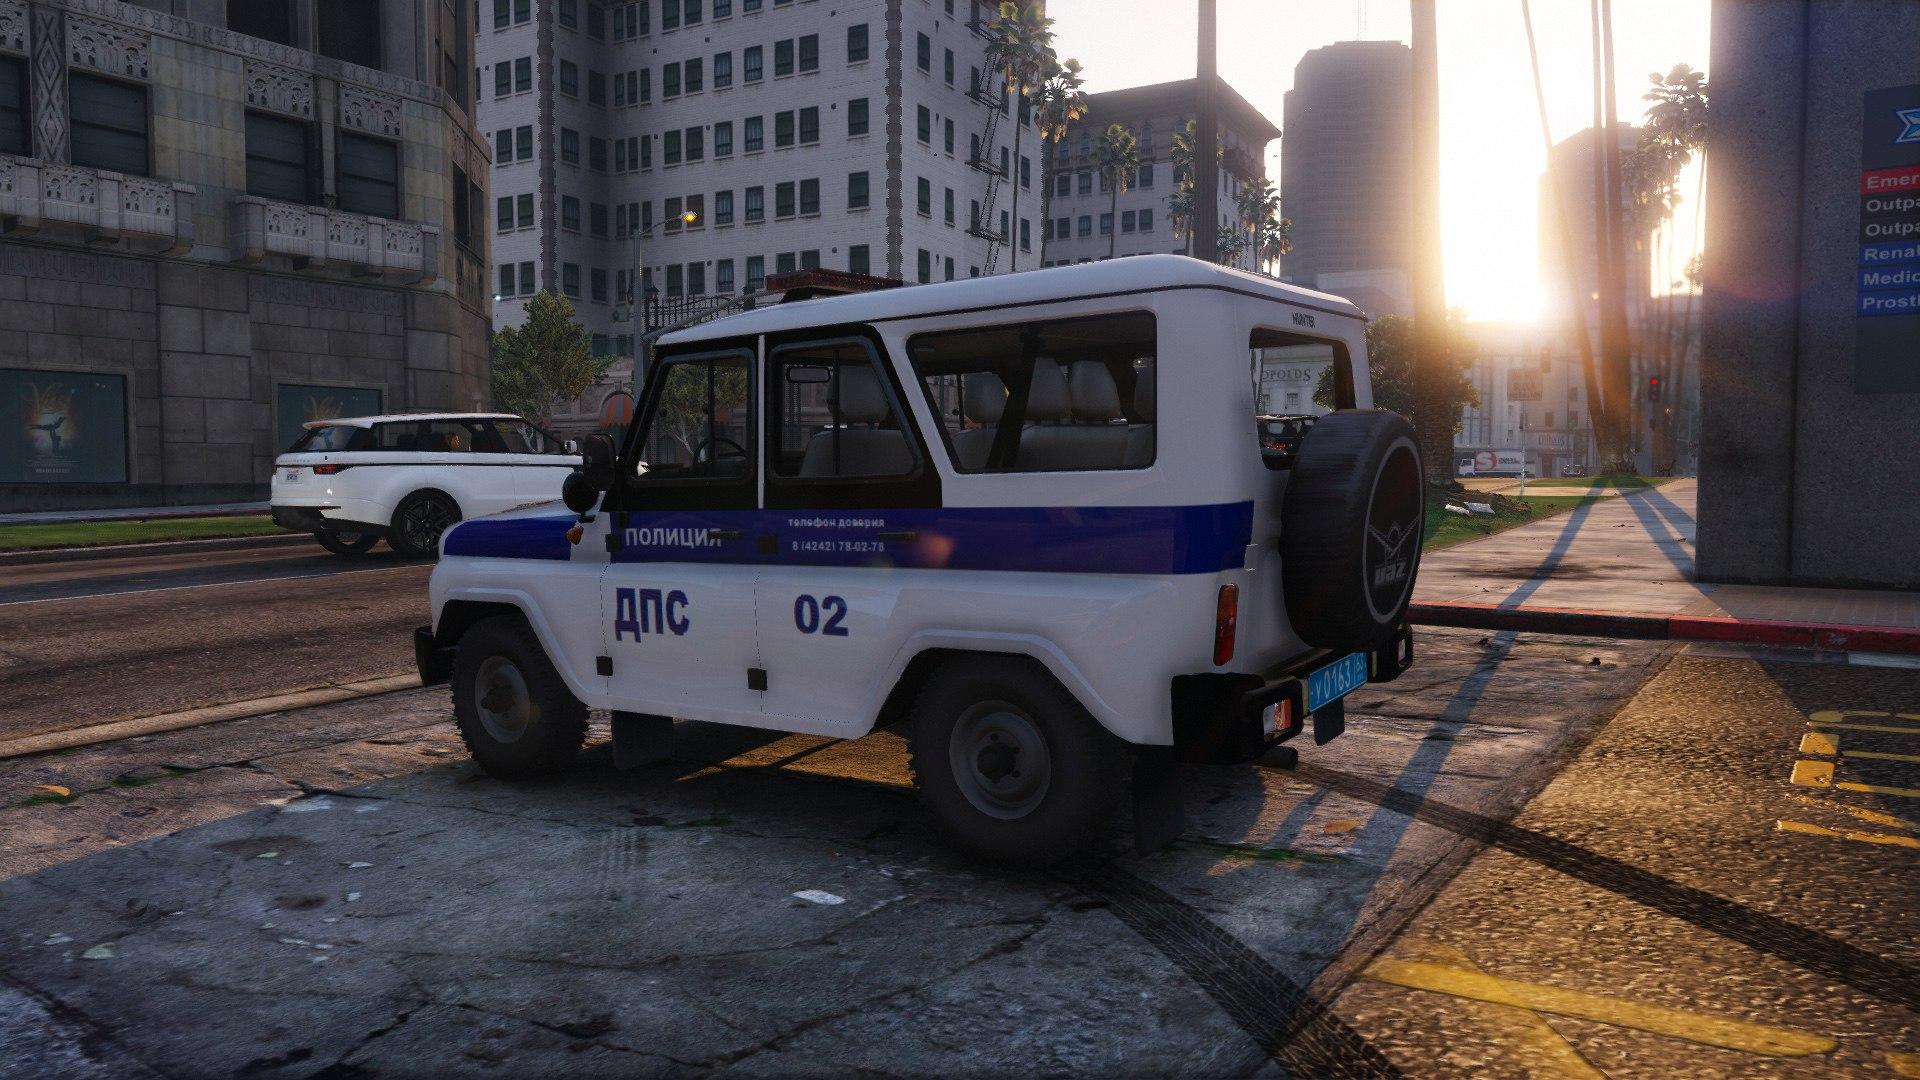 УАЗ Хантер - ДПС для GTA V - Скриншот 1